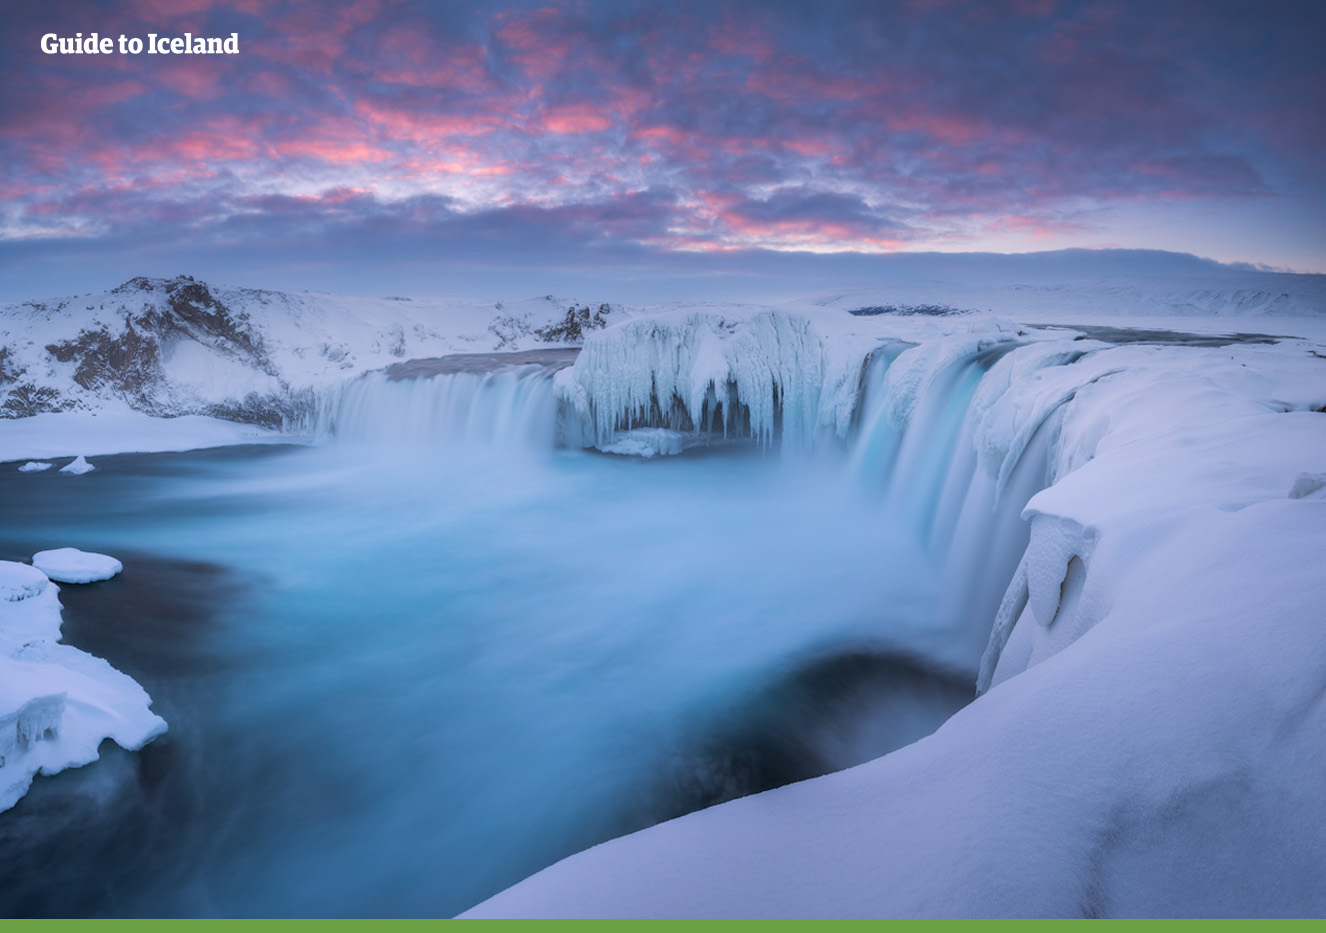 Der Wasserfall Godafoss in Nordisland ist im tiefen Winter in Eis gehüllt.